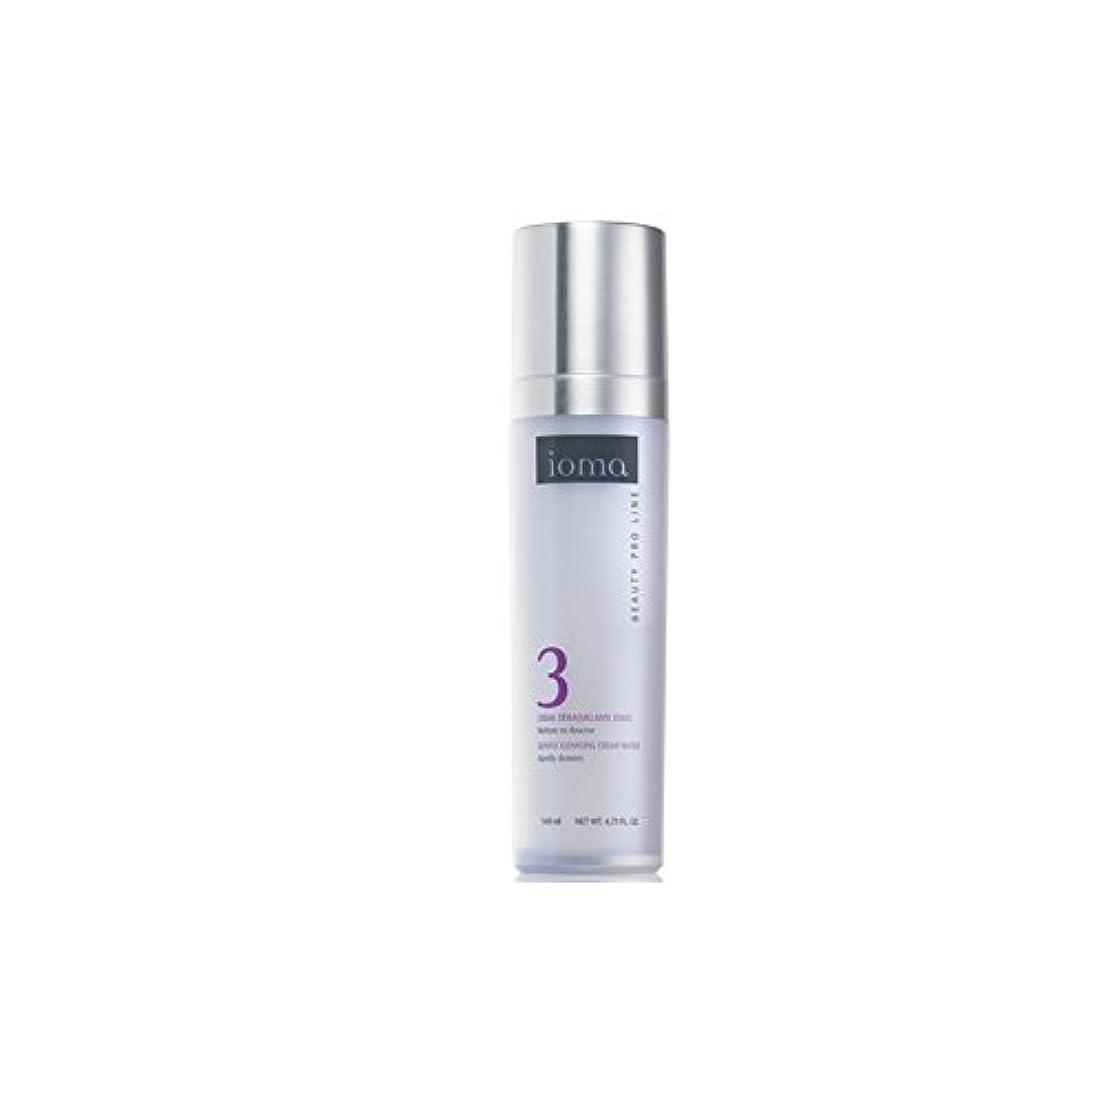 韓国語けん引五ジェントルクレンジングクリーム水140ミリリットル x4 - Ioma Gentle Cleansing Cream Water 140ml (Pack of 4) [並行輸入品]